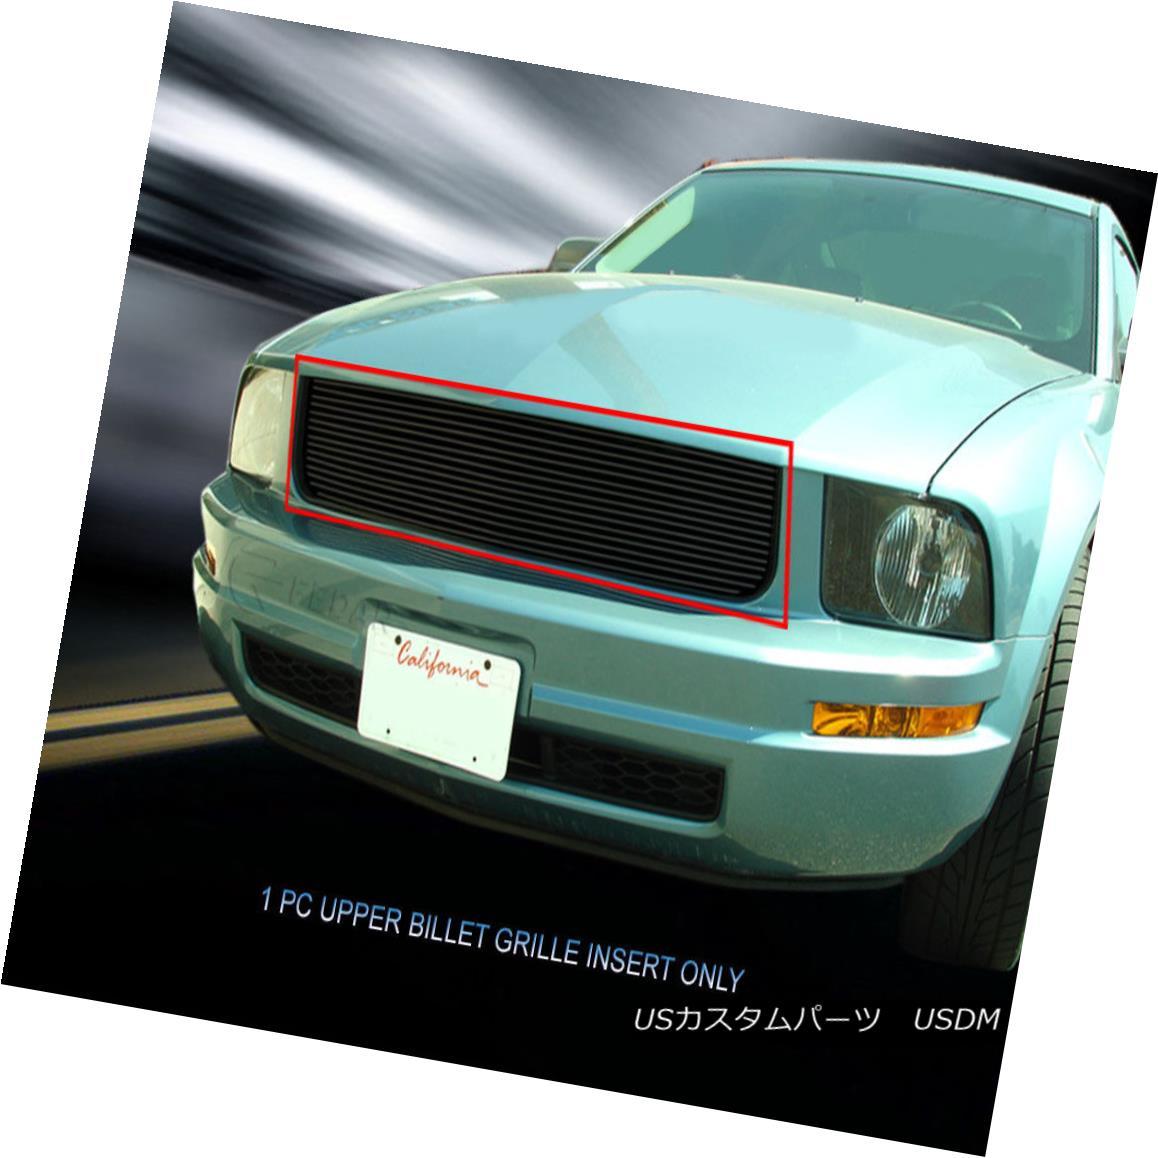 グリル 05-09 Ford Mustang V6 Billet Grille Grill Logo Cover Upper Insert Fedar 05-09フォードマスタングV6ビレットグリルグリルロゴカバーアッパーインサートフェルダー